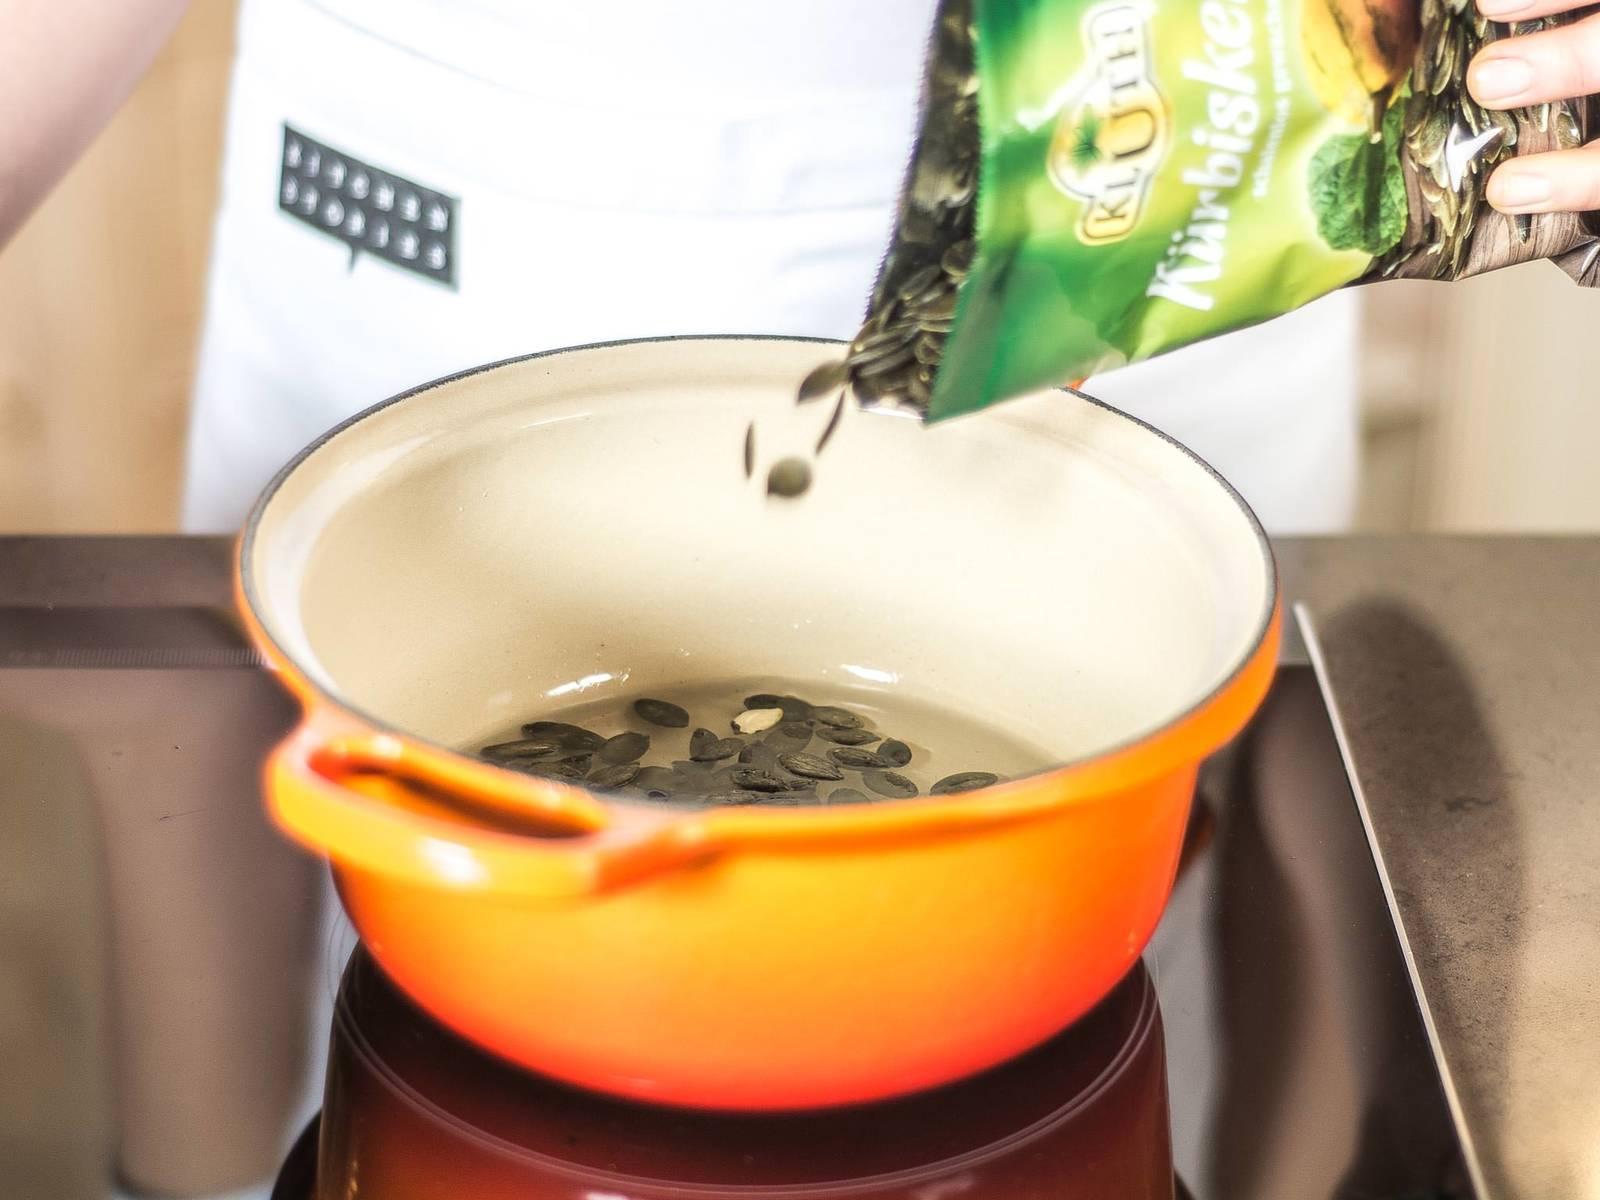 将南瓜籽、水与糖放入小锅中,边加热边搅拌,直至水分完全蒸发,糖呈琥珀色,南瓜籽中间微微裂开为止。